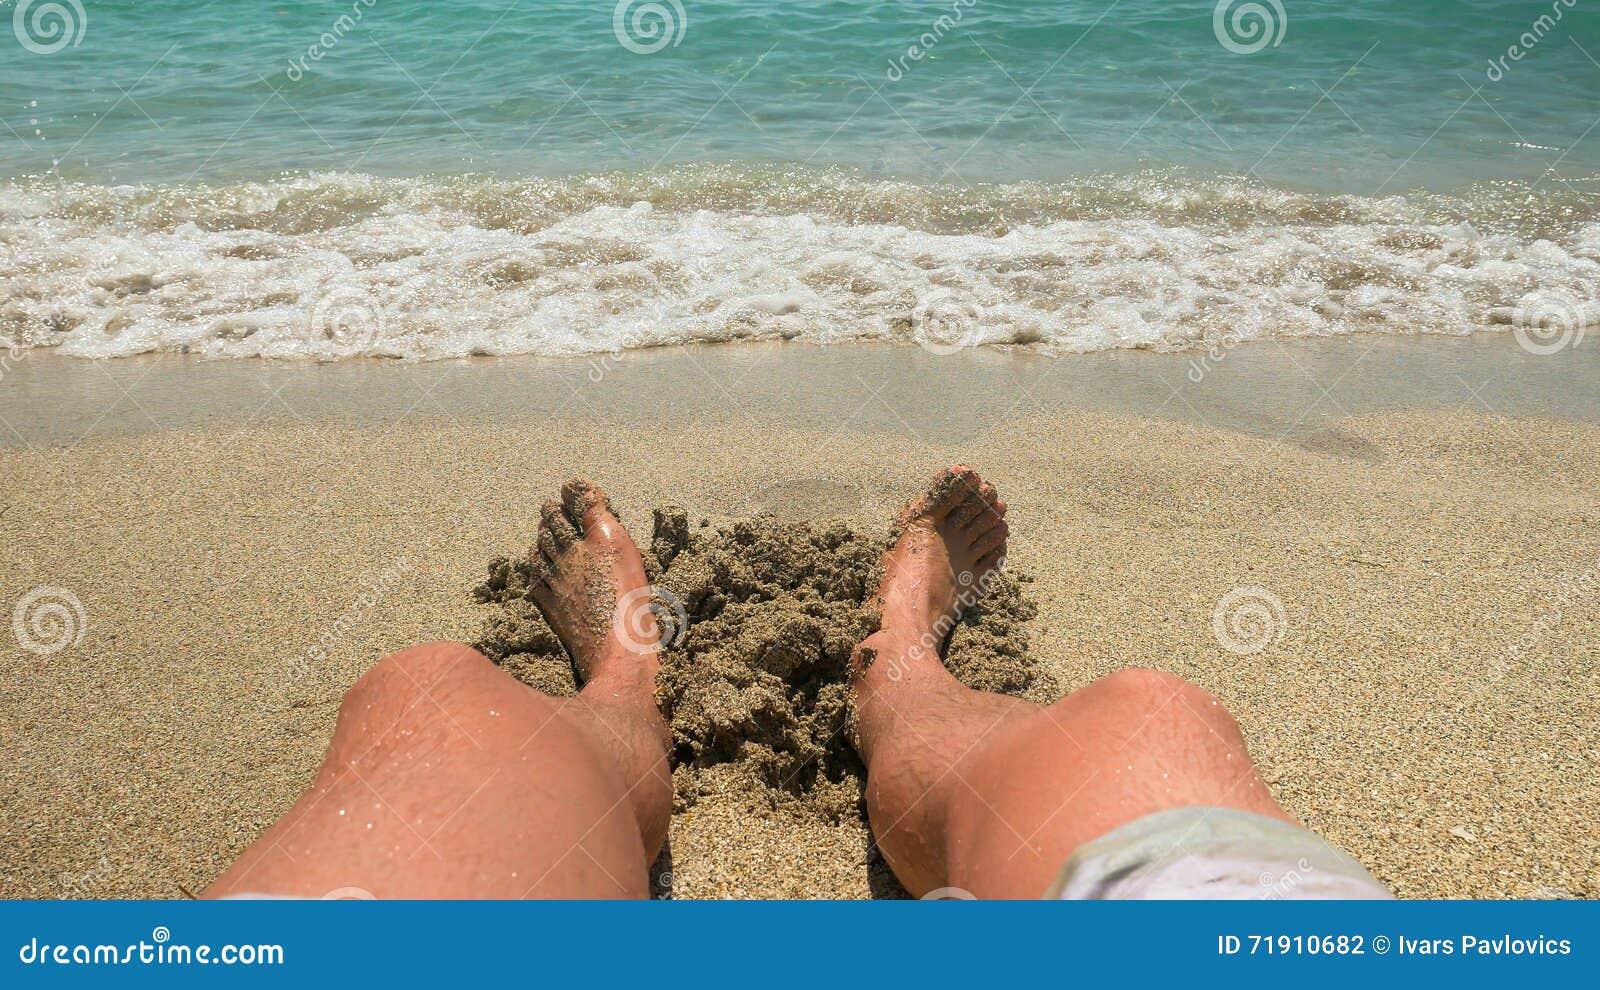 Men sitting in beach